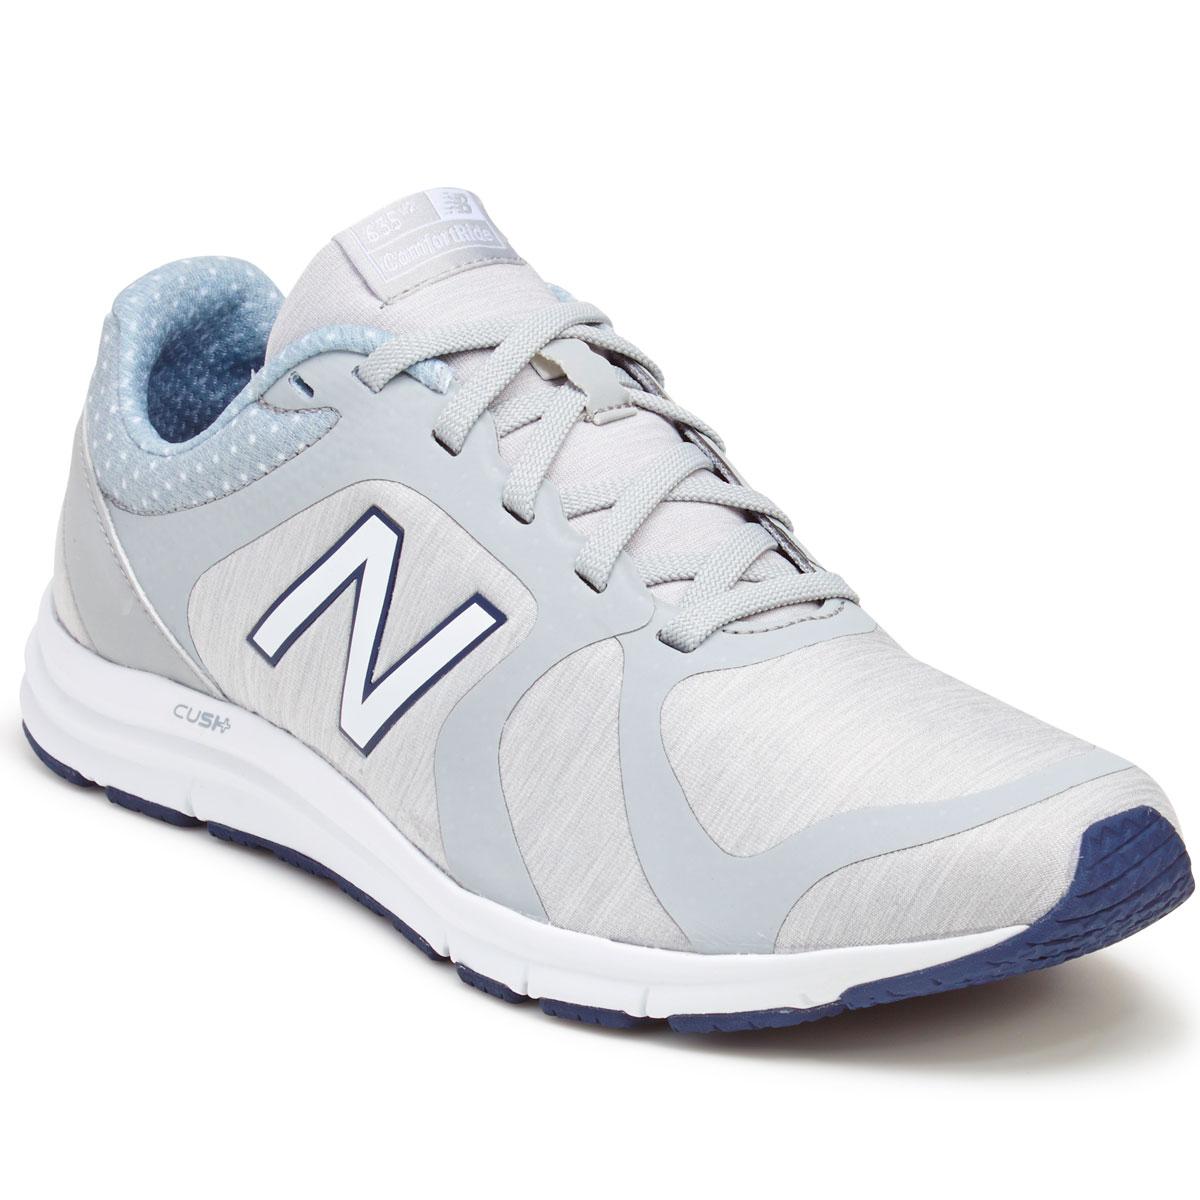 New Balance Women's 635 V2 Running Shoes - Black, 6.5